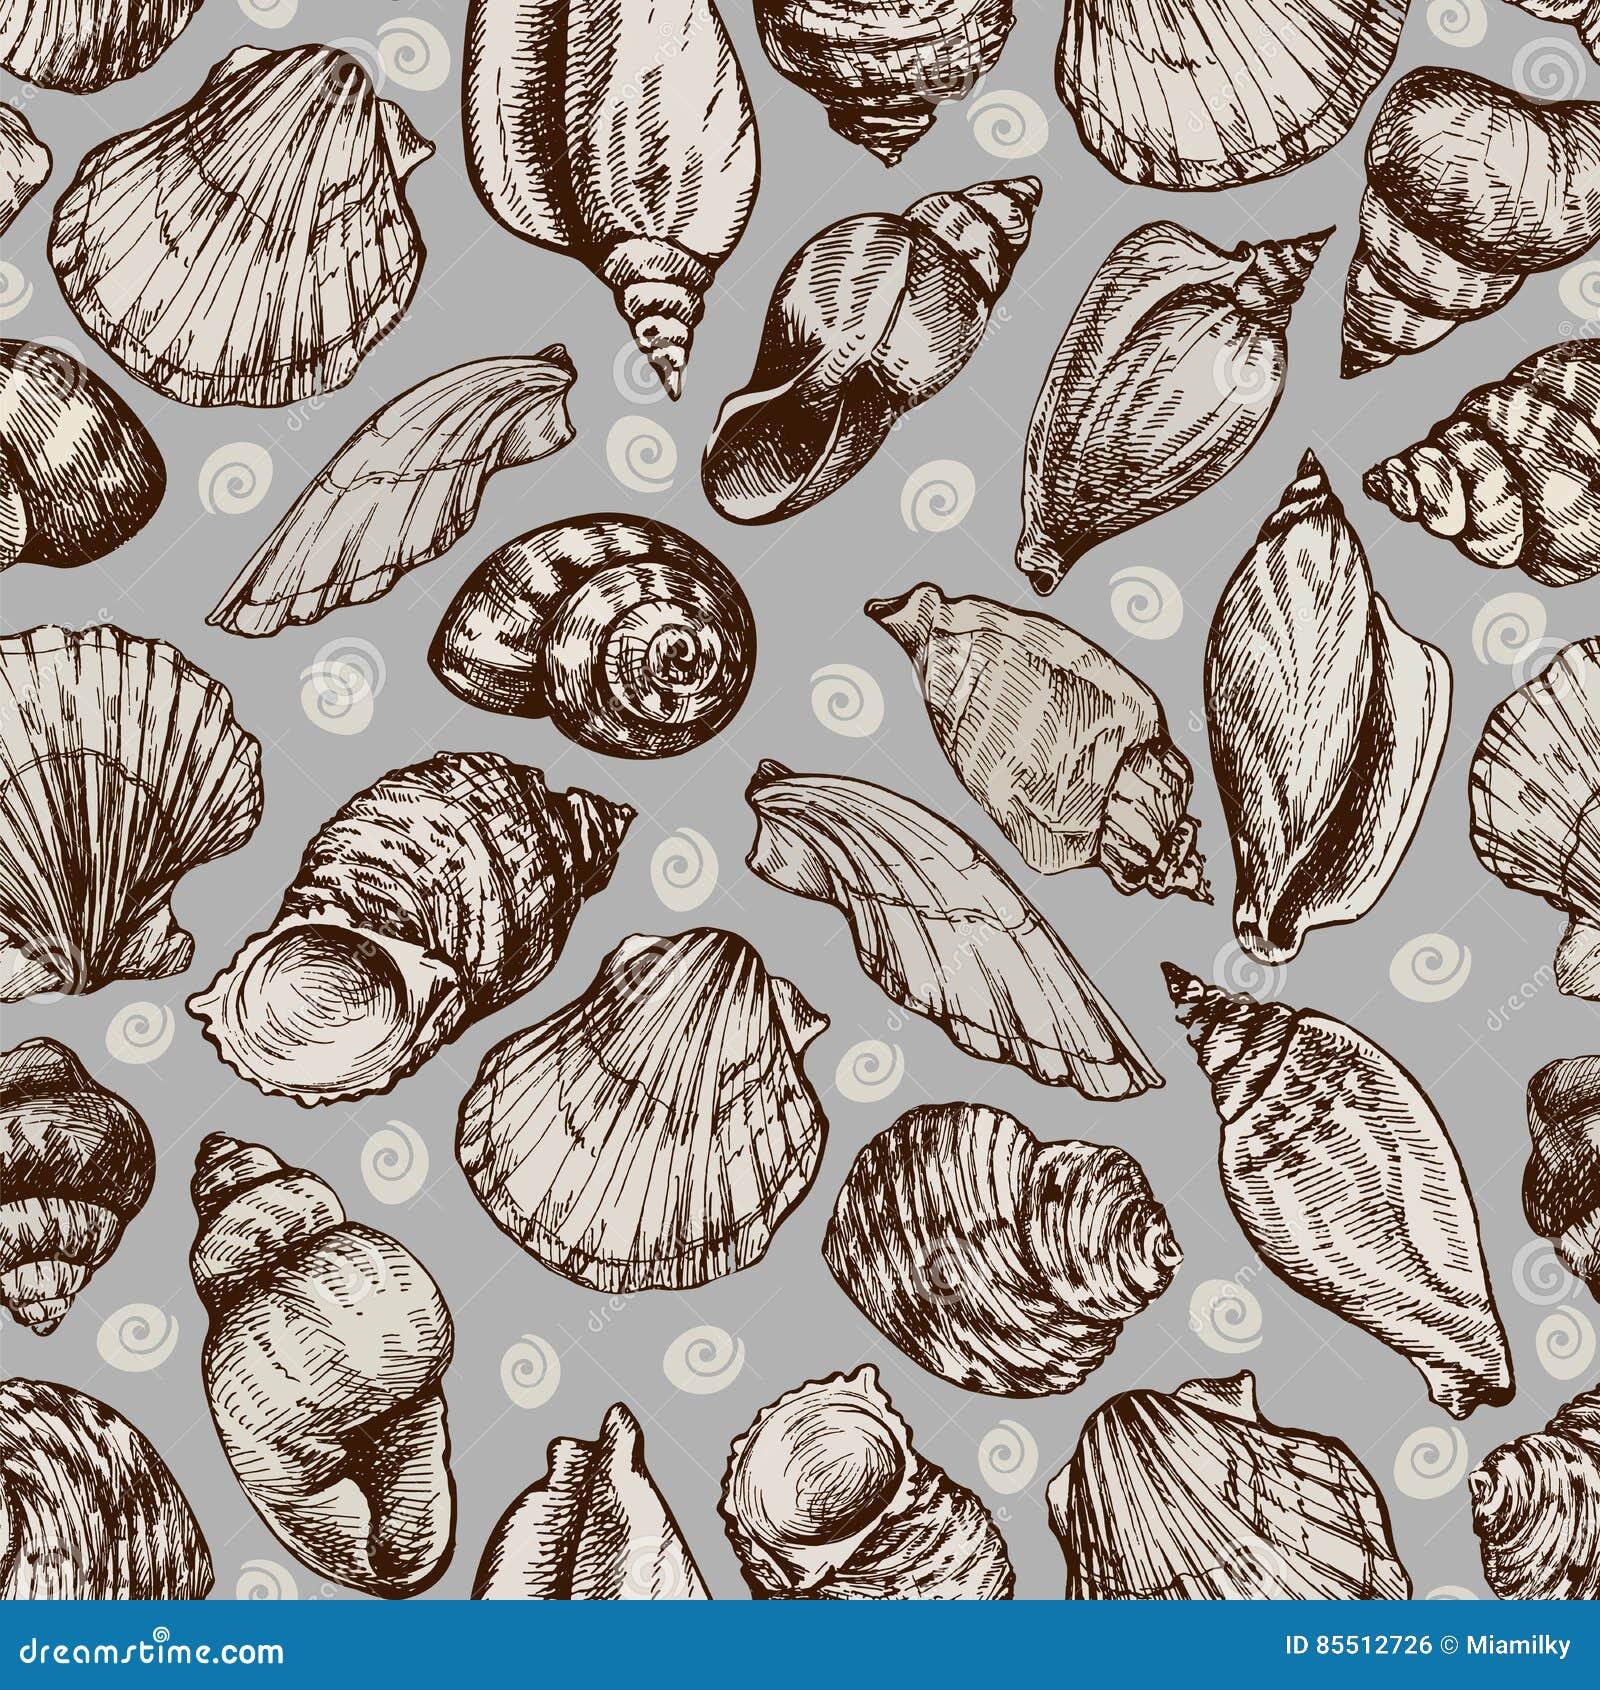 Vector naadloze uitstekende die schets van zeeschelpen op witte achtergrond wordt geïsoleerd Hand-drawn overzeese dieren